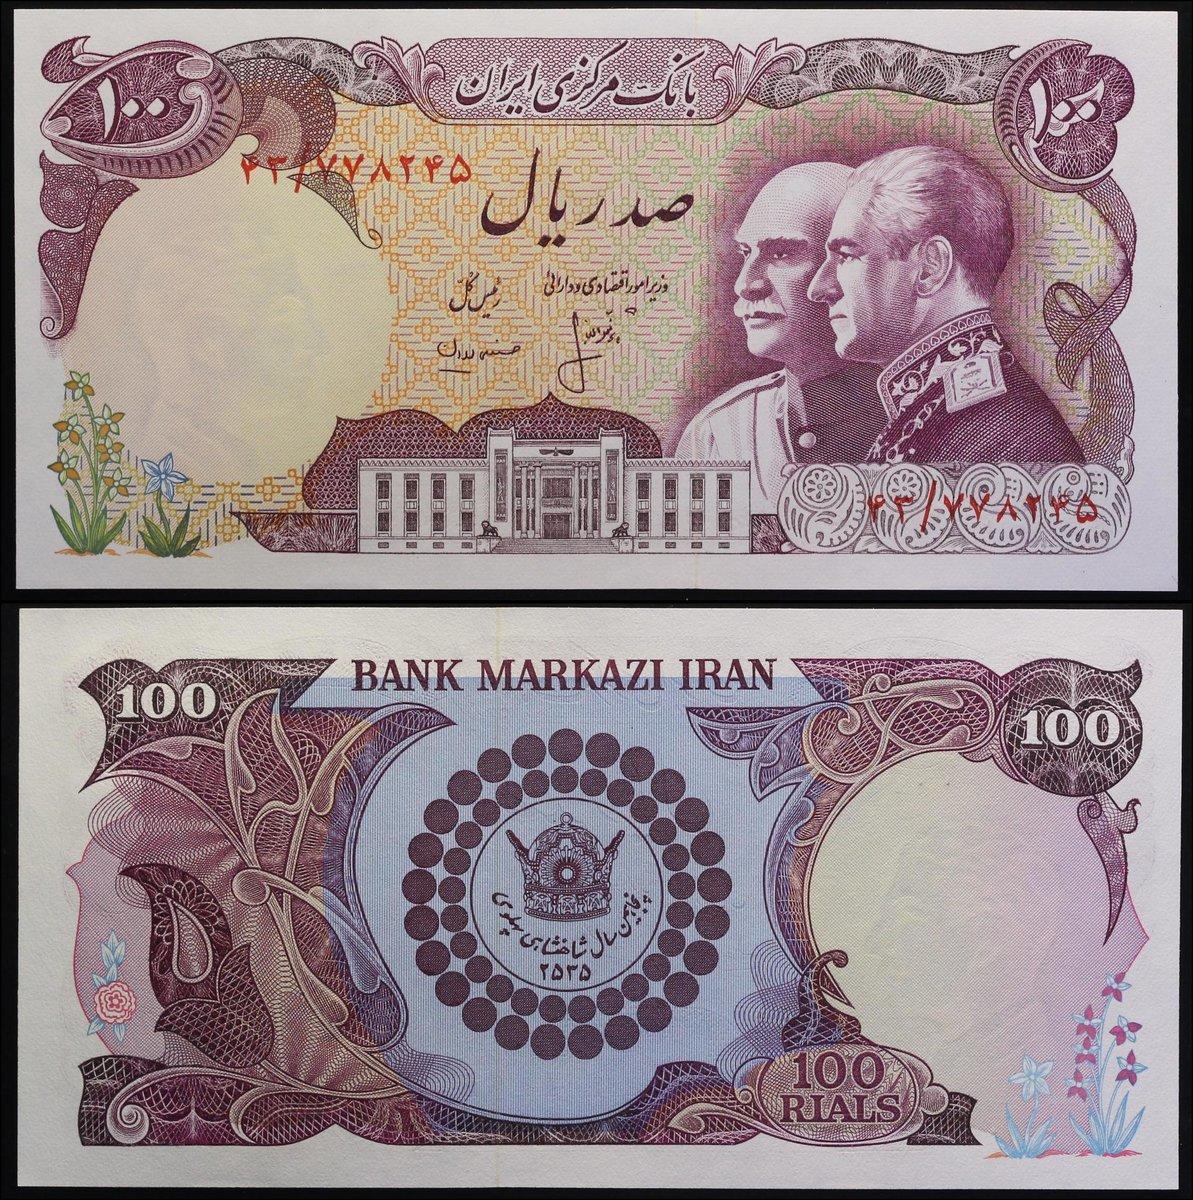 Syria 500 Lira p-115 2013 UNC Banknote